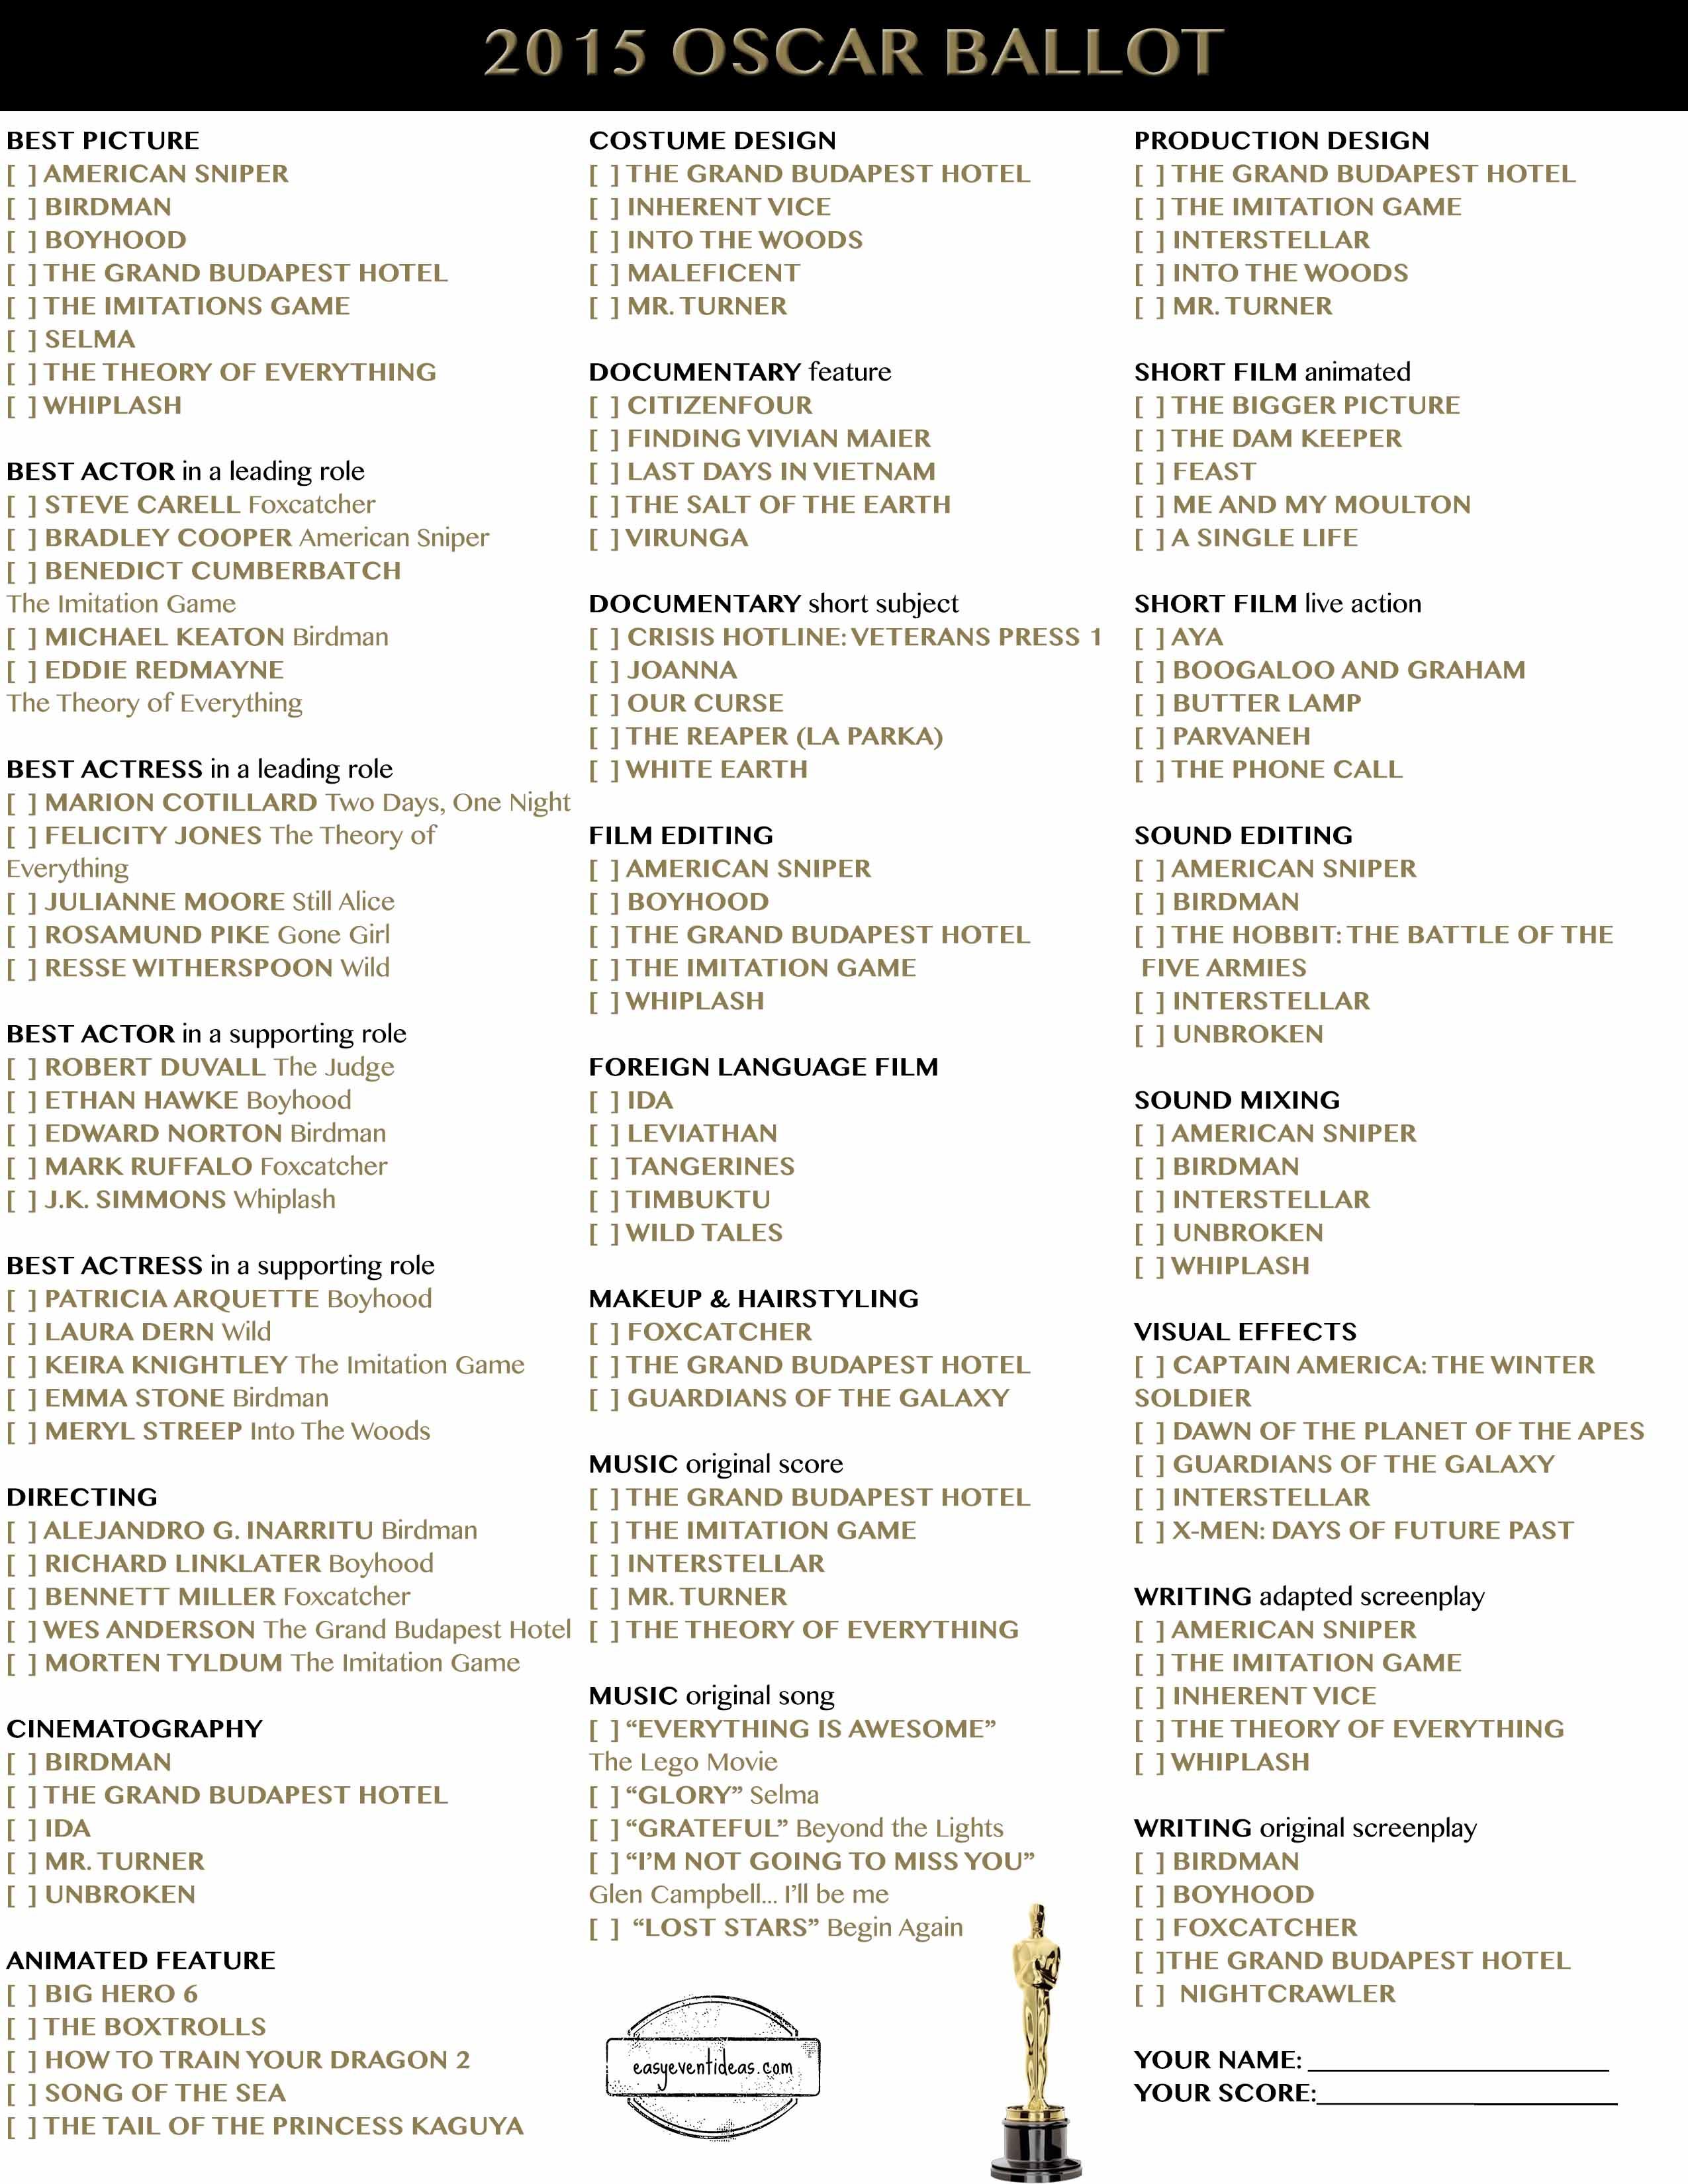 Oscars 2015 Website